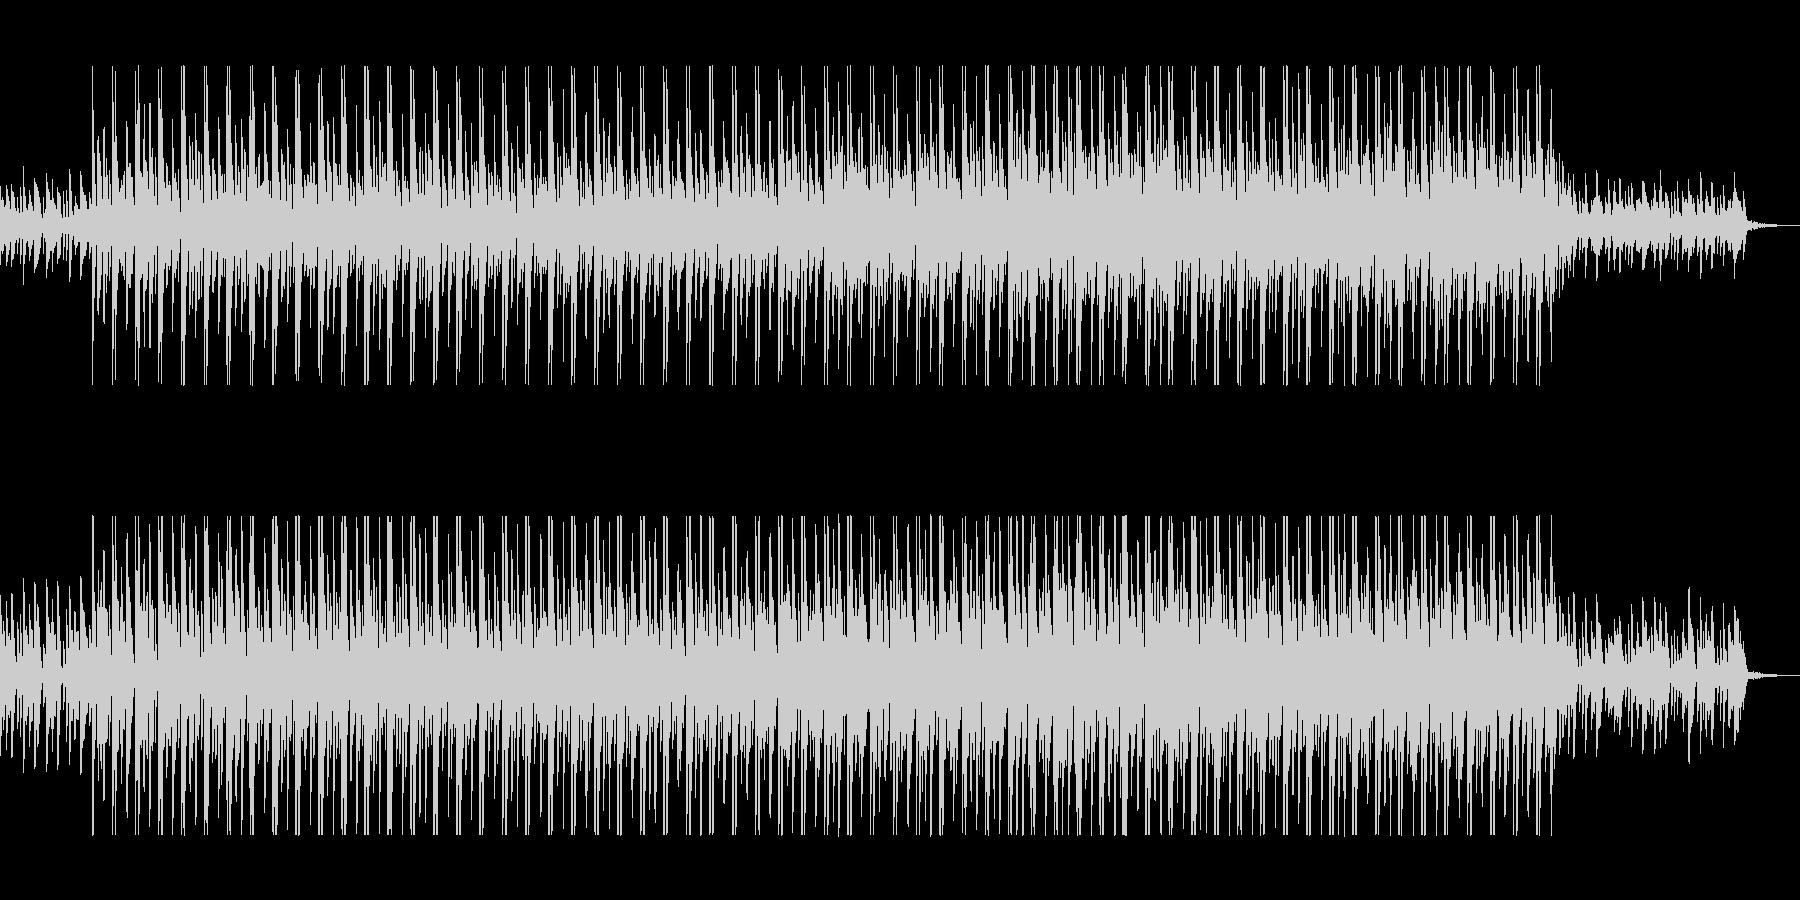 キラキラ、クールなエレクトロニカの未再生の波形